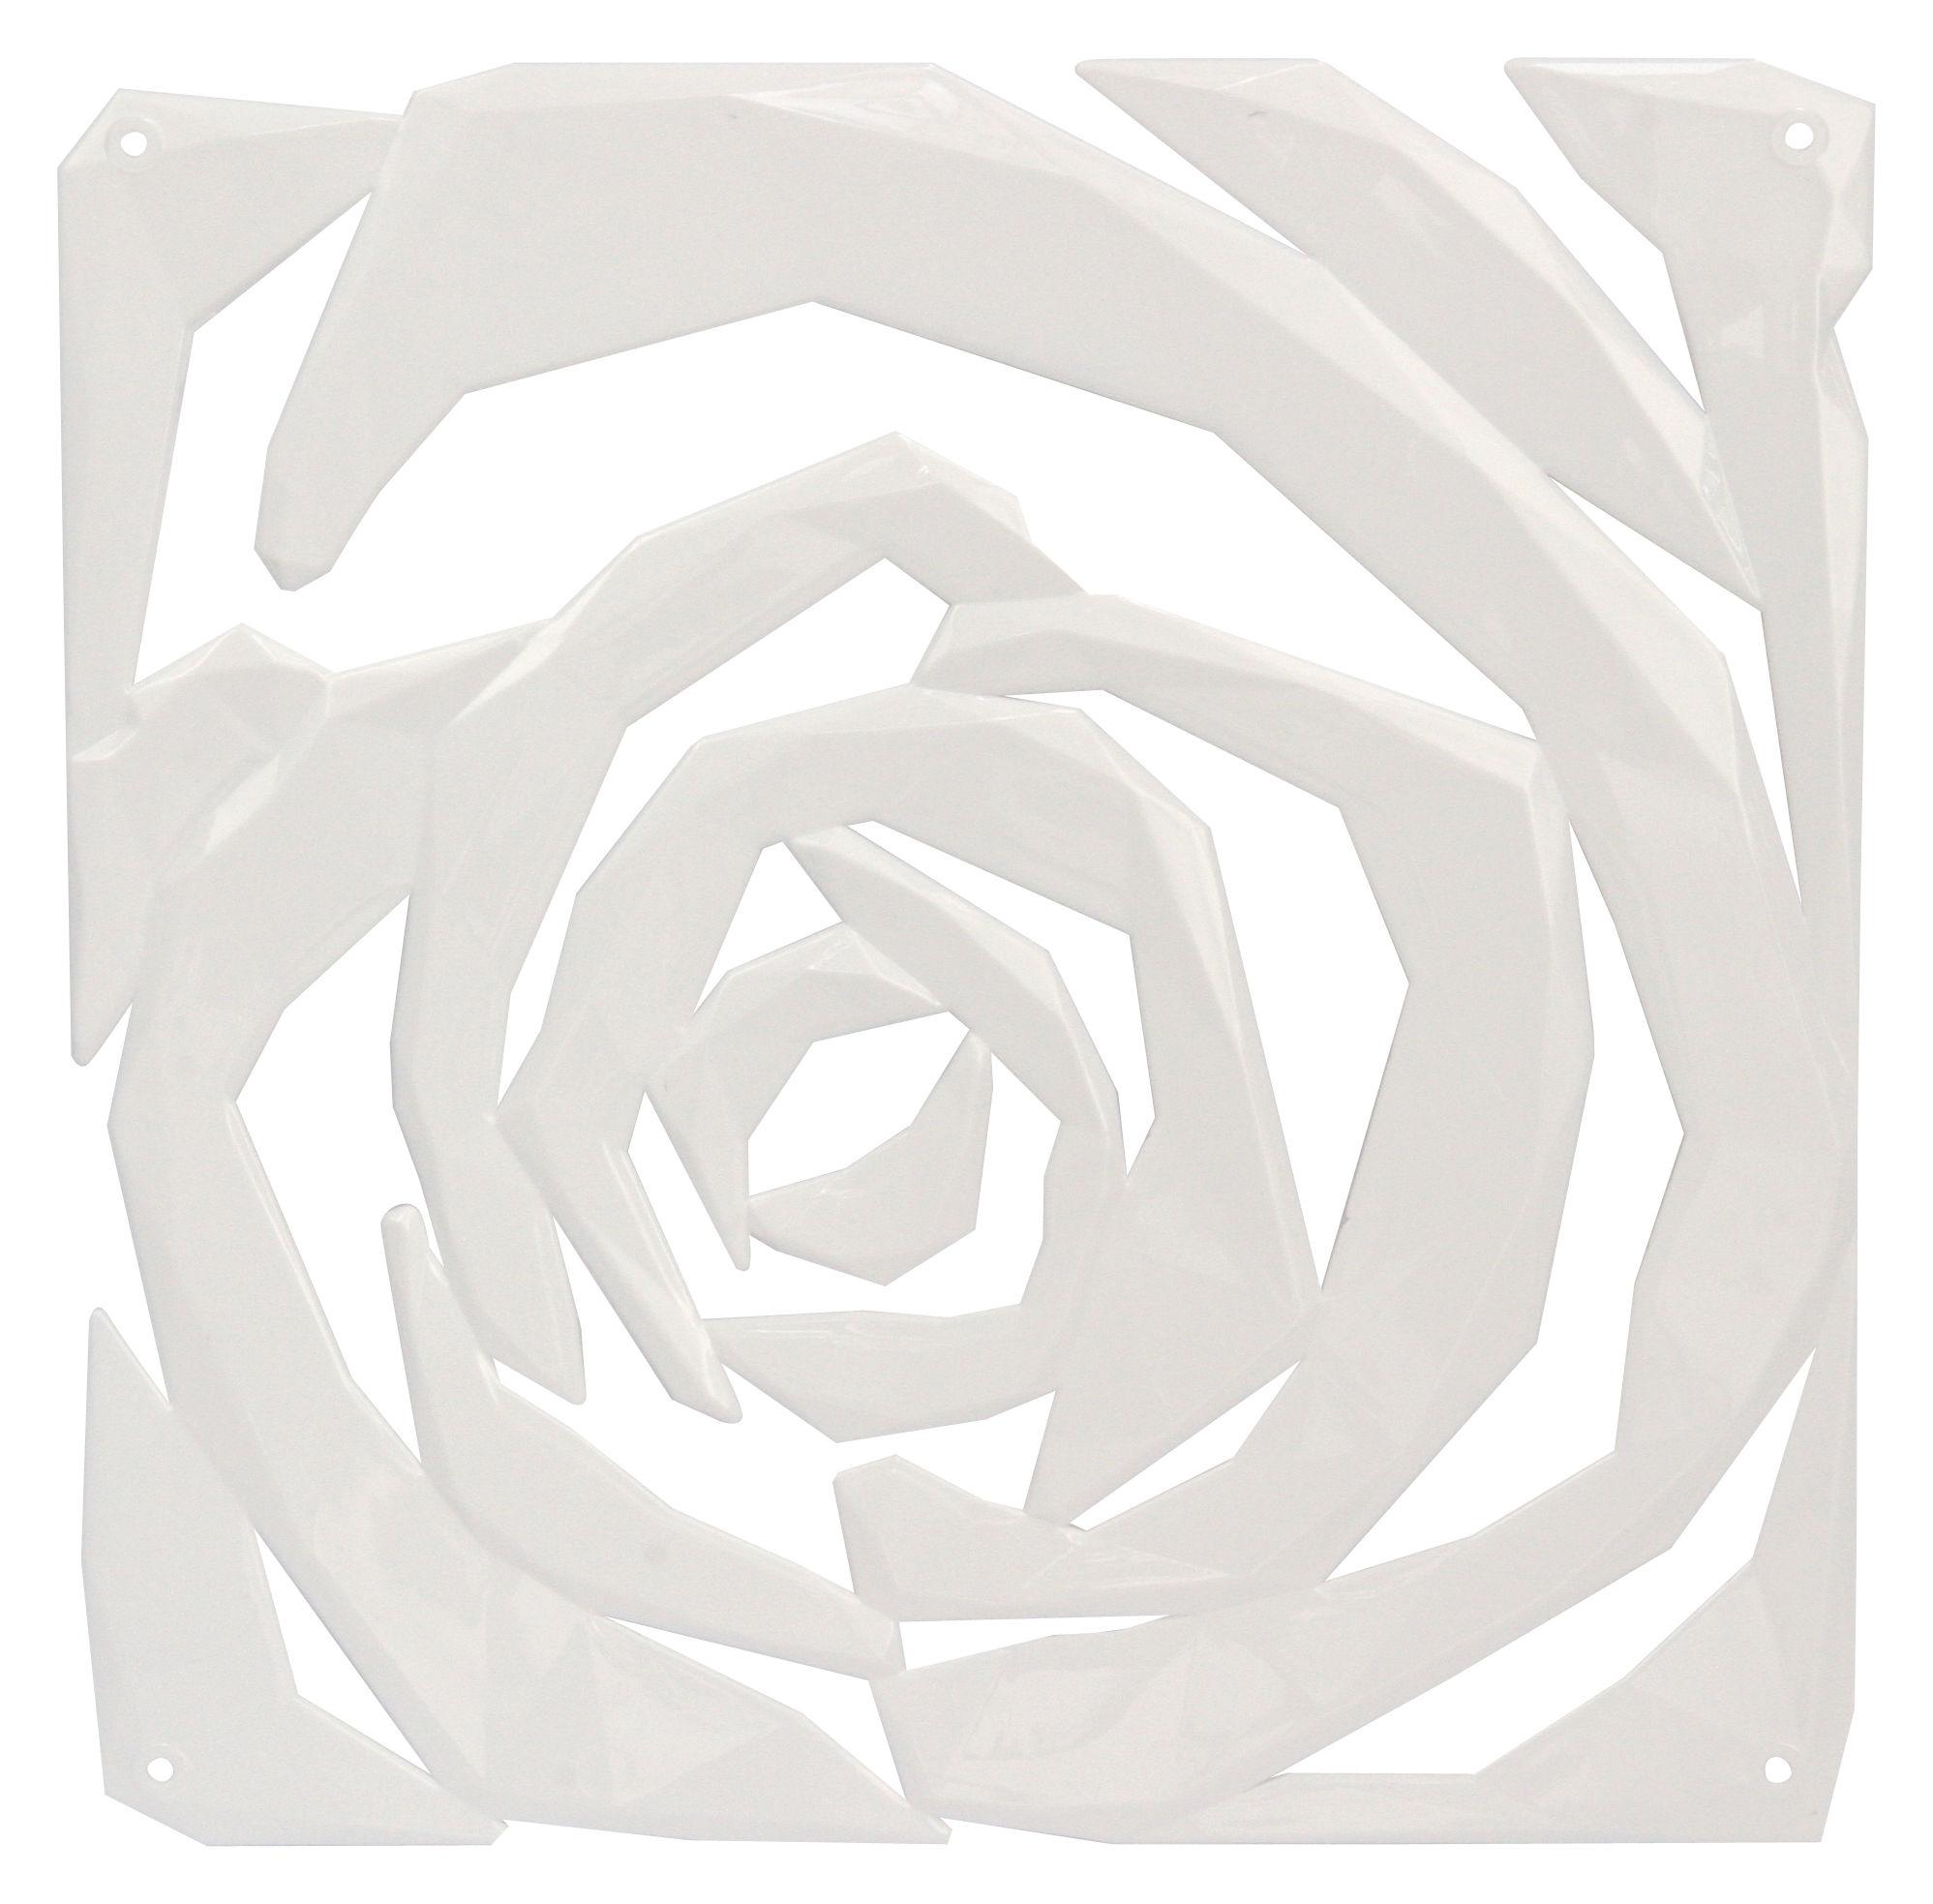 Arredamento - Separè, Paraventi... - Paravento/divisorio Romance di Koziol - Bianco - policarbonato